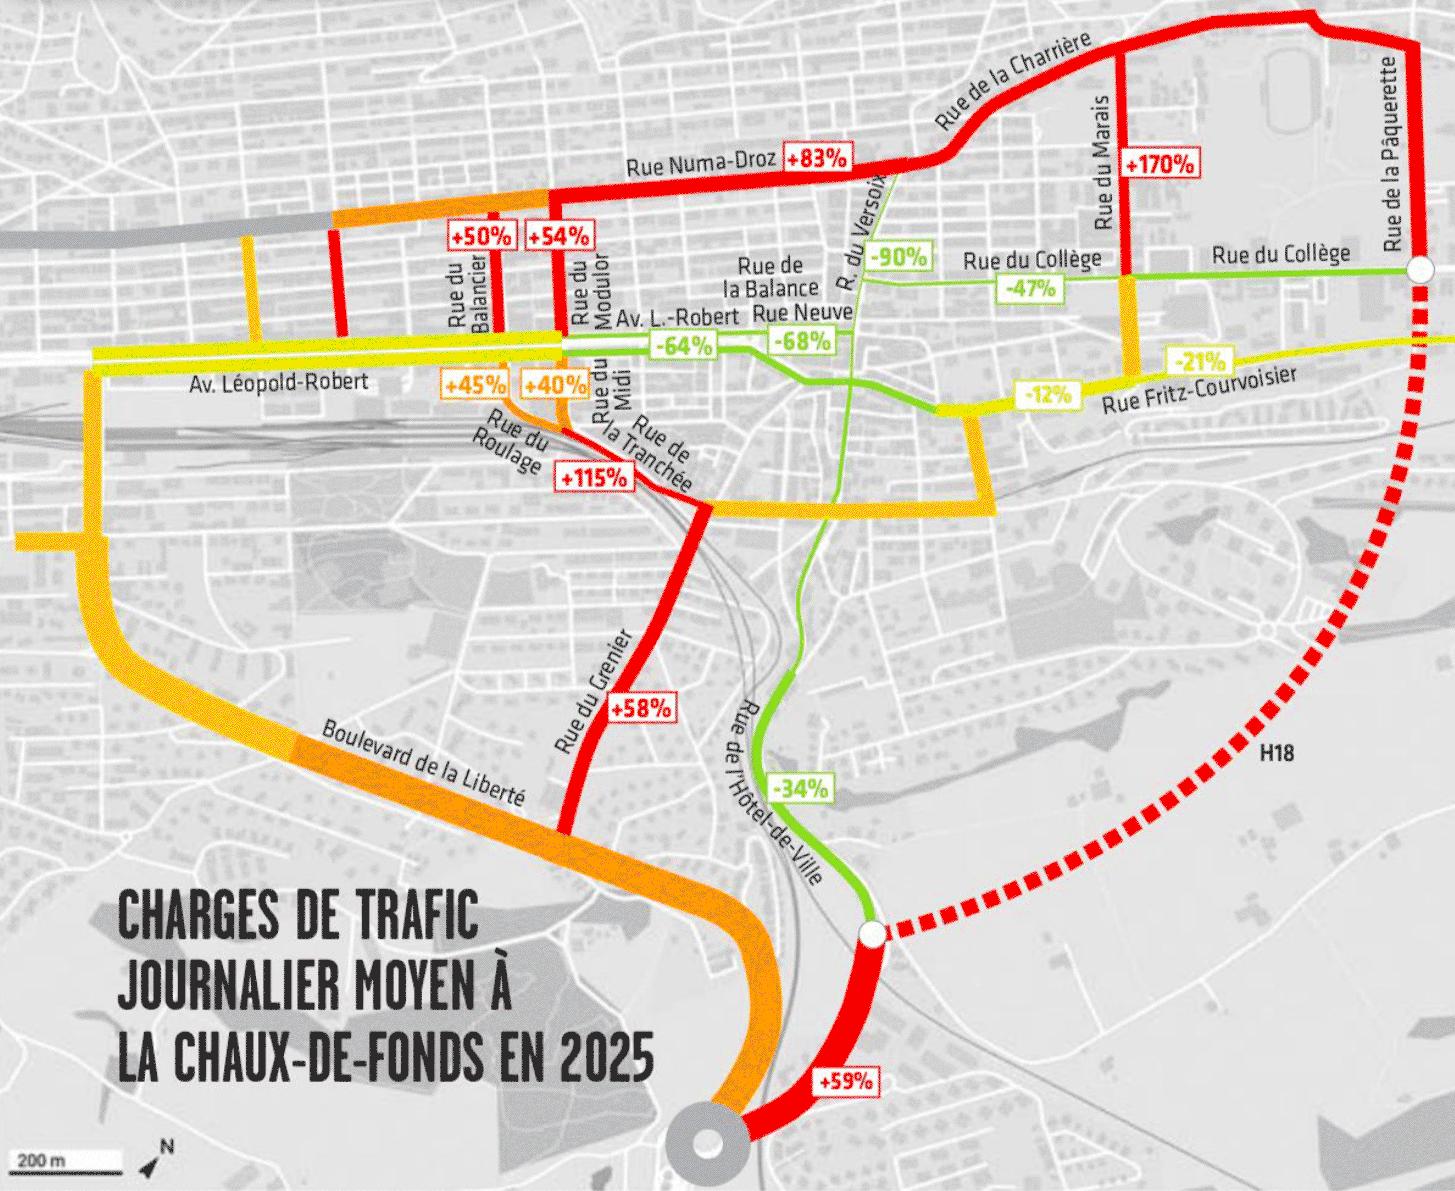 Plan de l'impact du contournement sur le trafic à la Chaux-de-Fonds